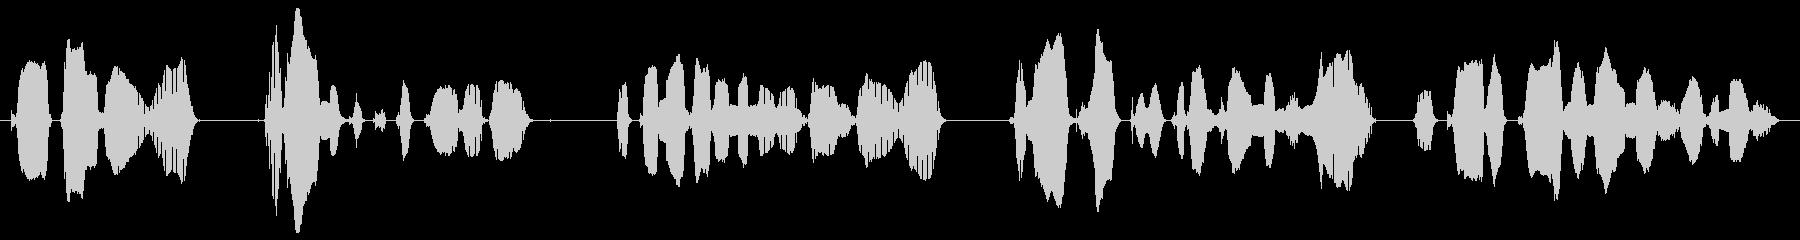 携帯電話・アラーム付時計など、音の出る…の未再生の波形